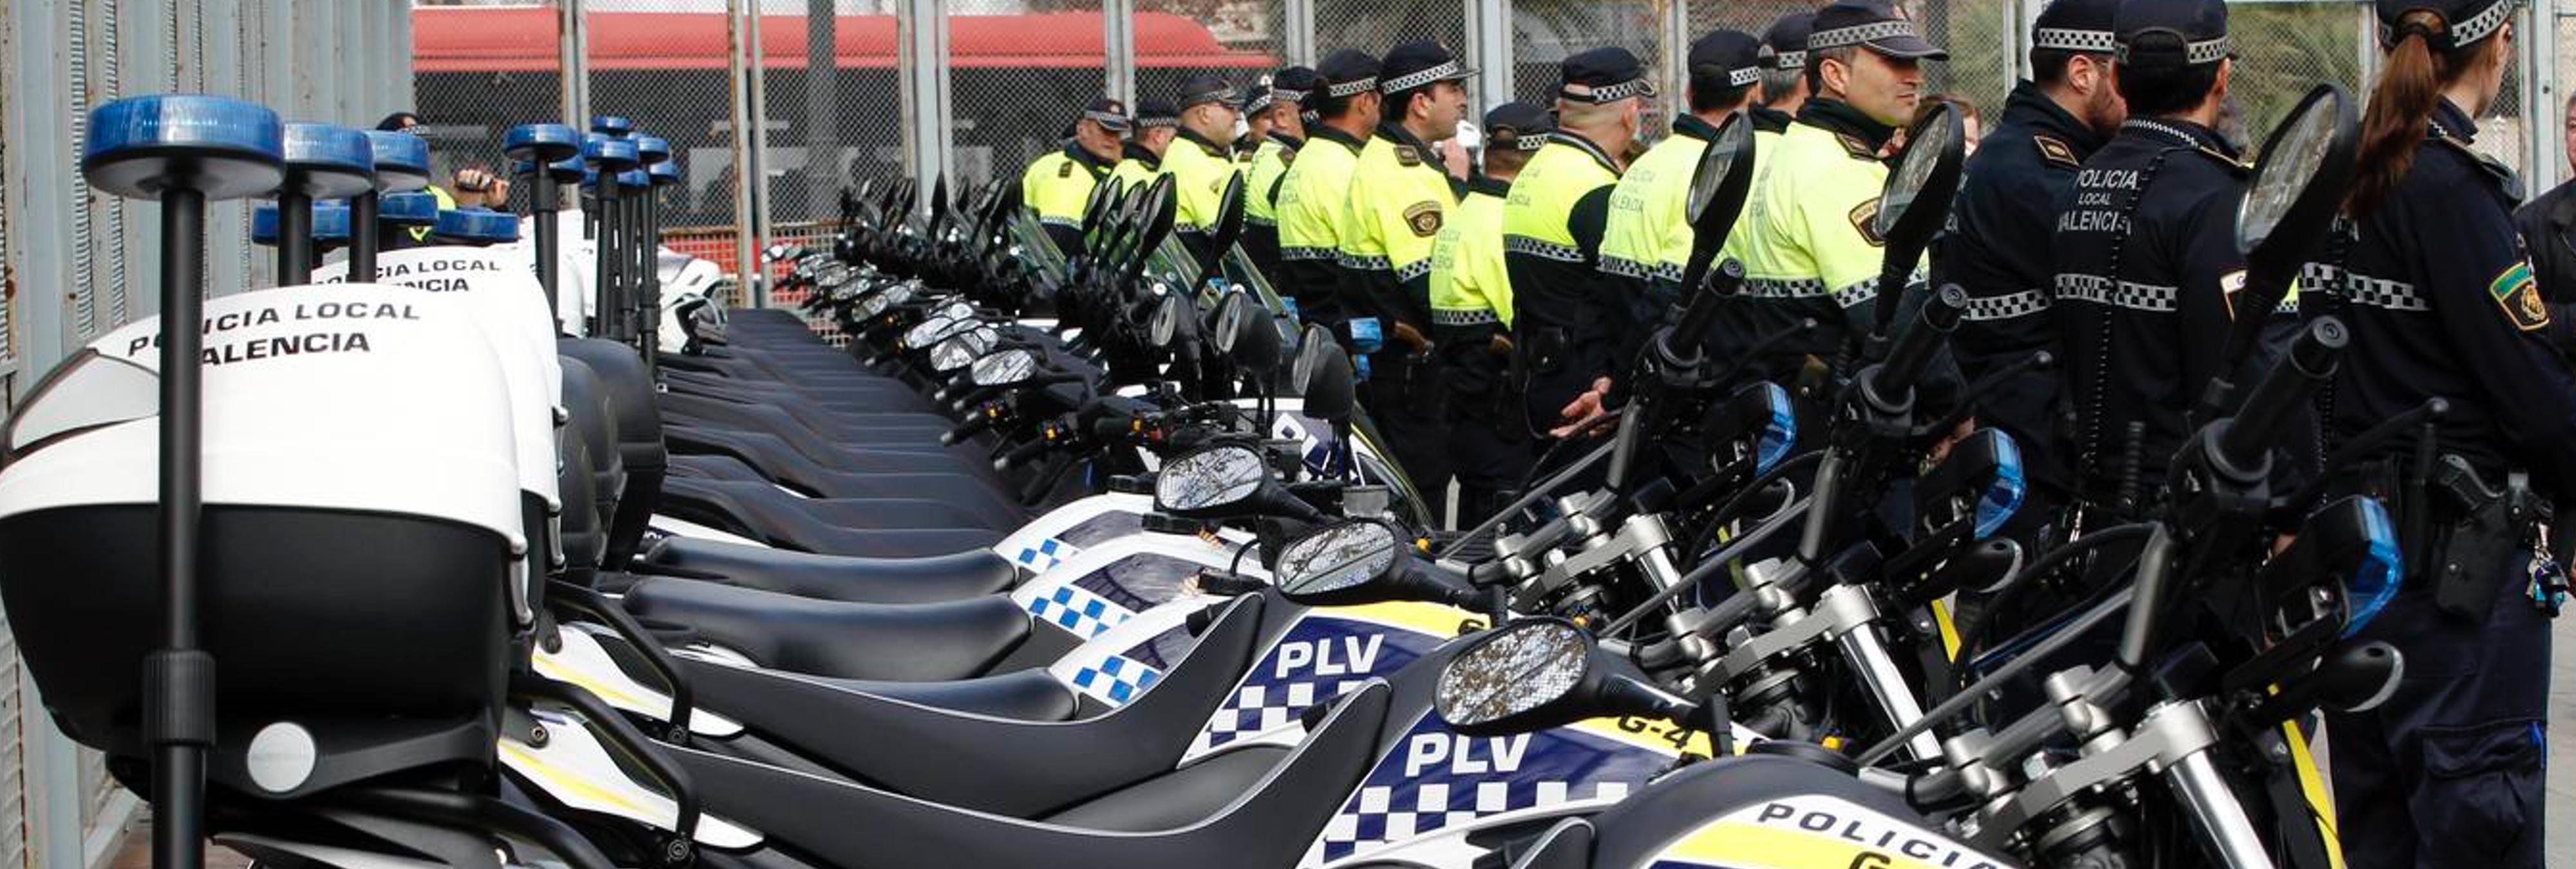 Carteles machistas para anunciar la cena de Navidad de un sindicato de policías y bomberos